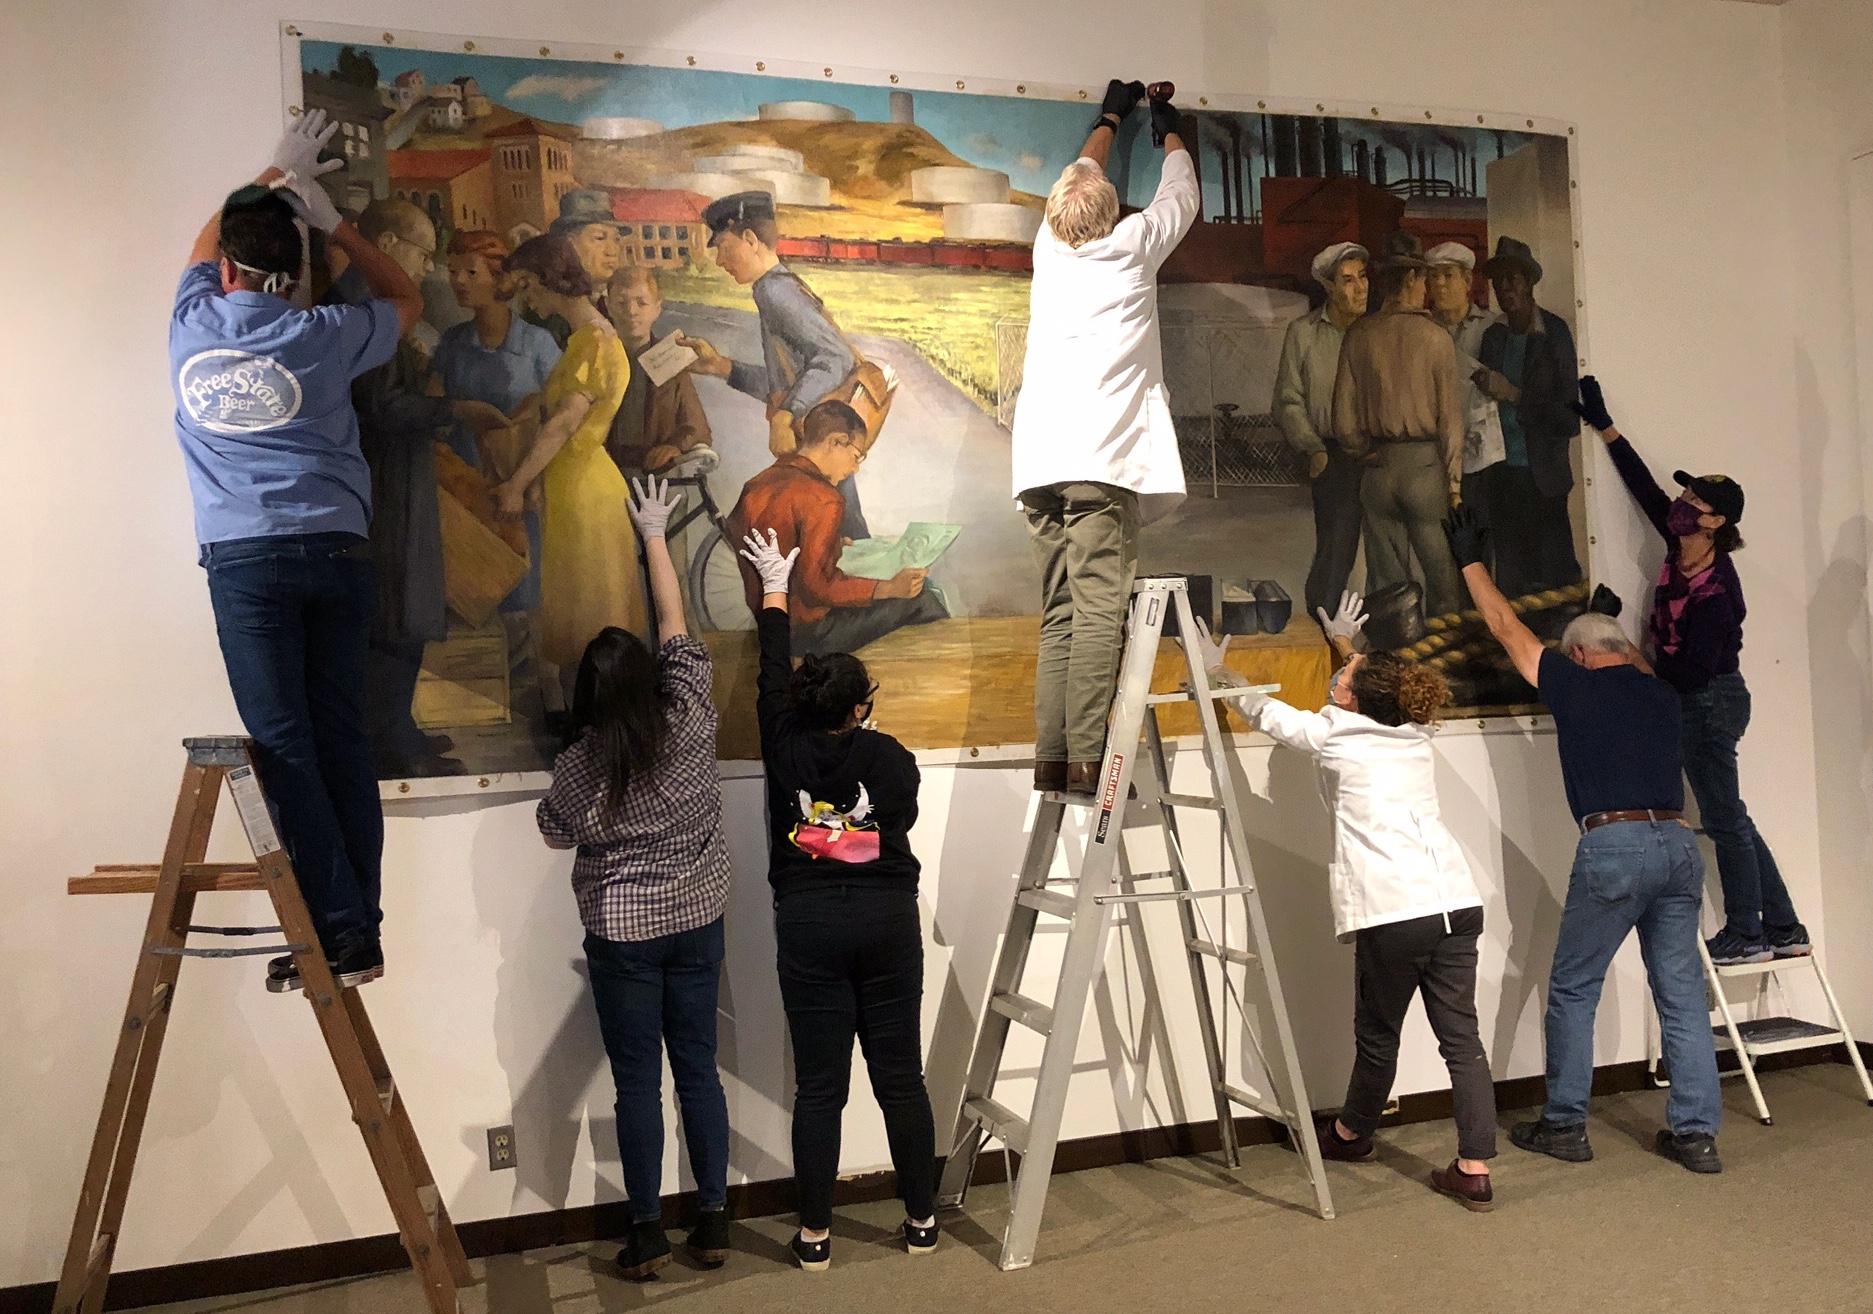 Mounting the mural, Nov. 7, 2020, taken by Karen Buchanan, copyright FACL